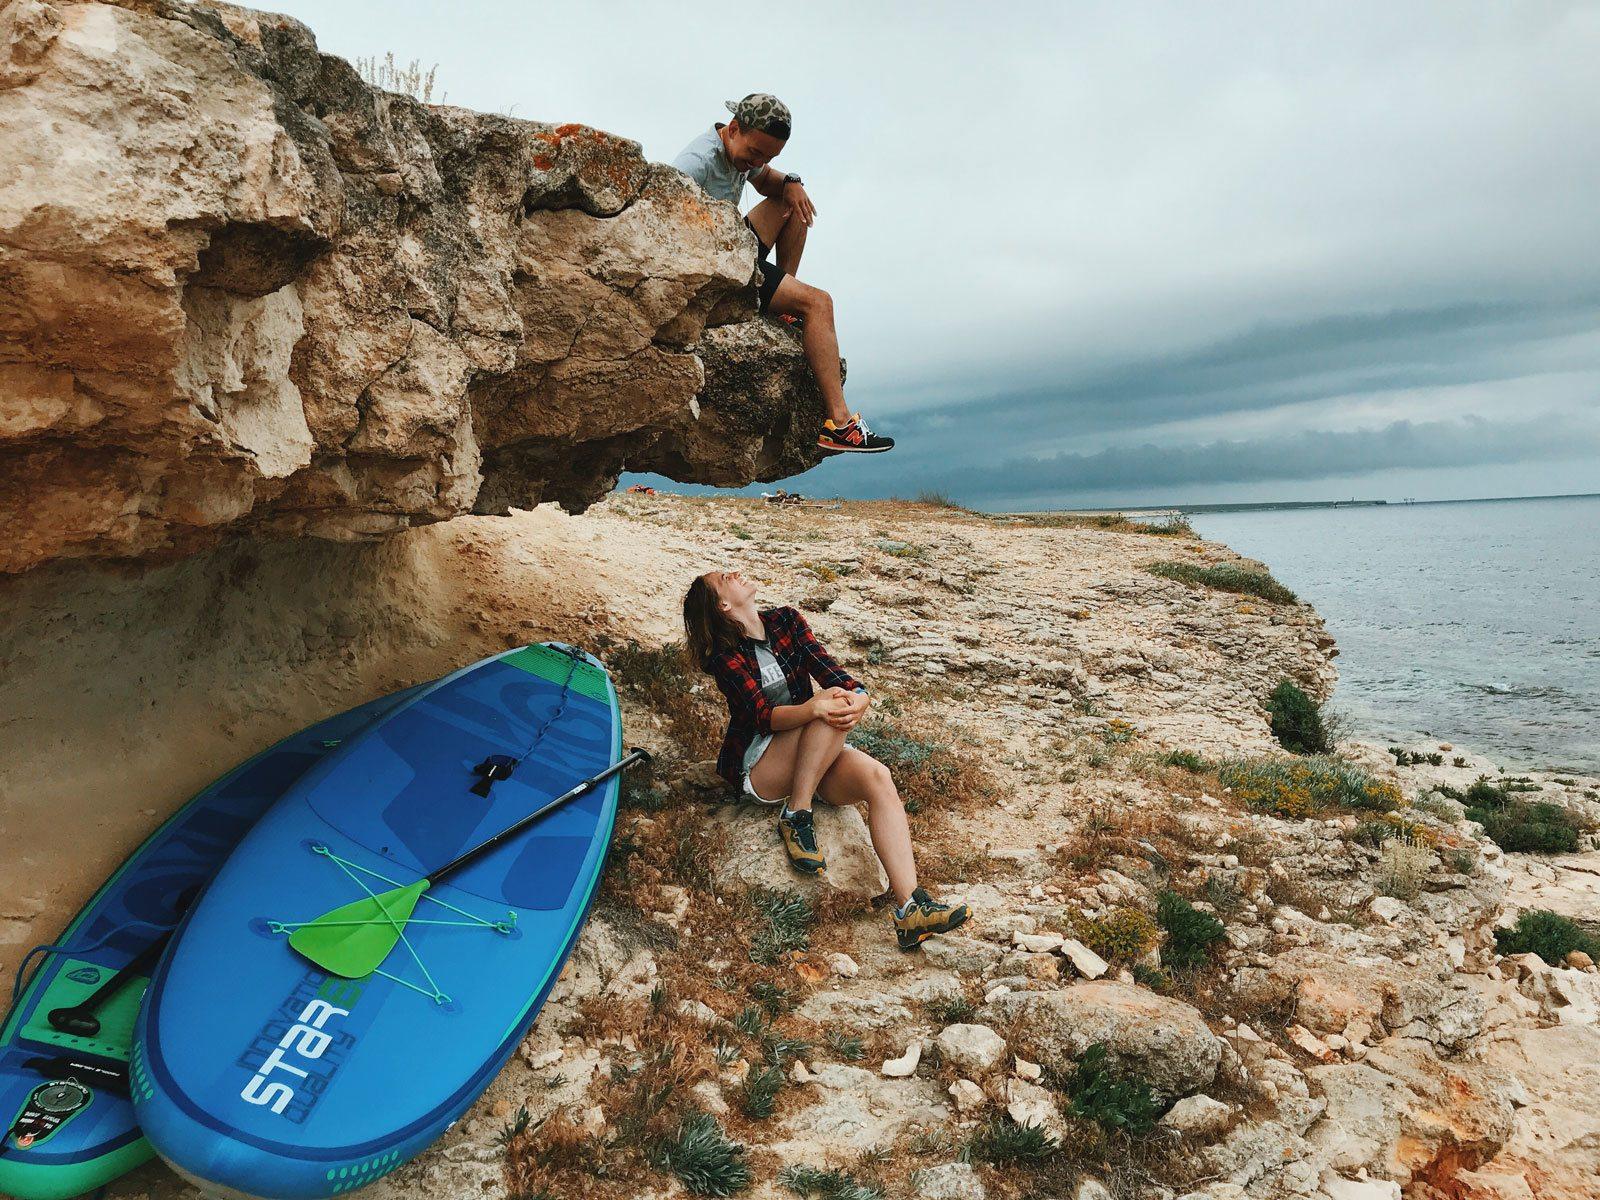 julia-karpacheva-paddleboarding-russia-black-sea-rock-overhang